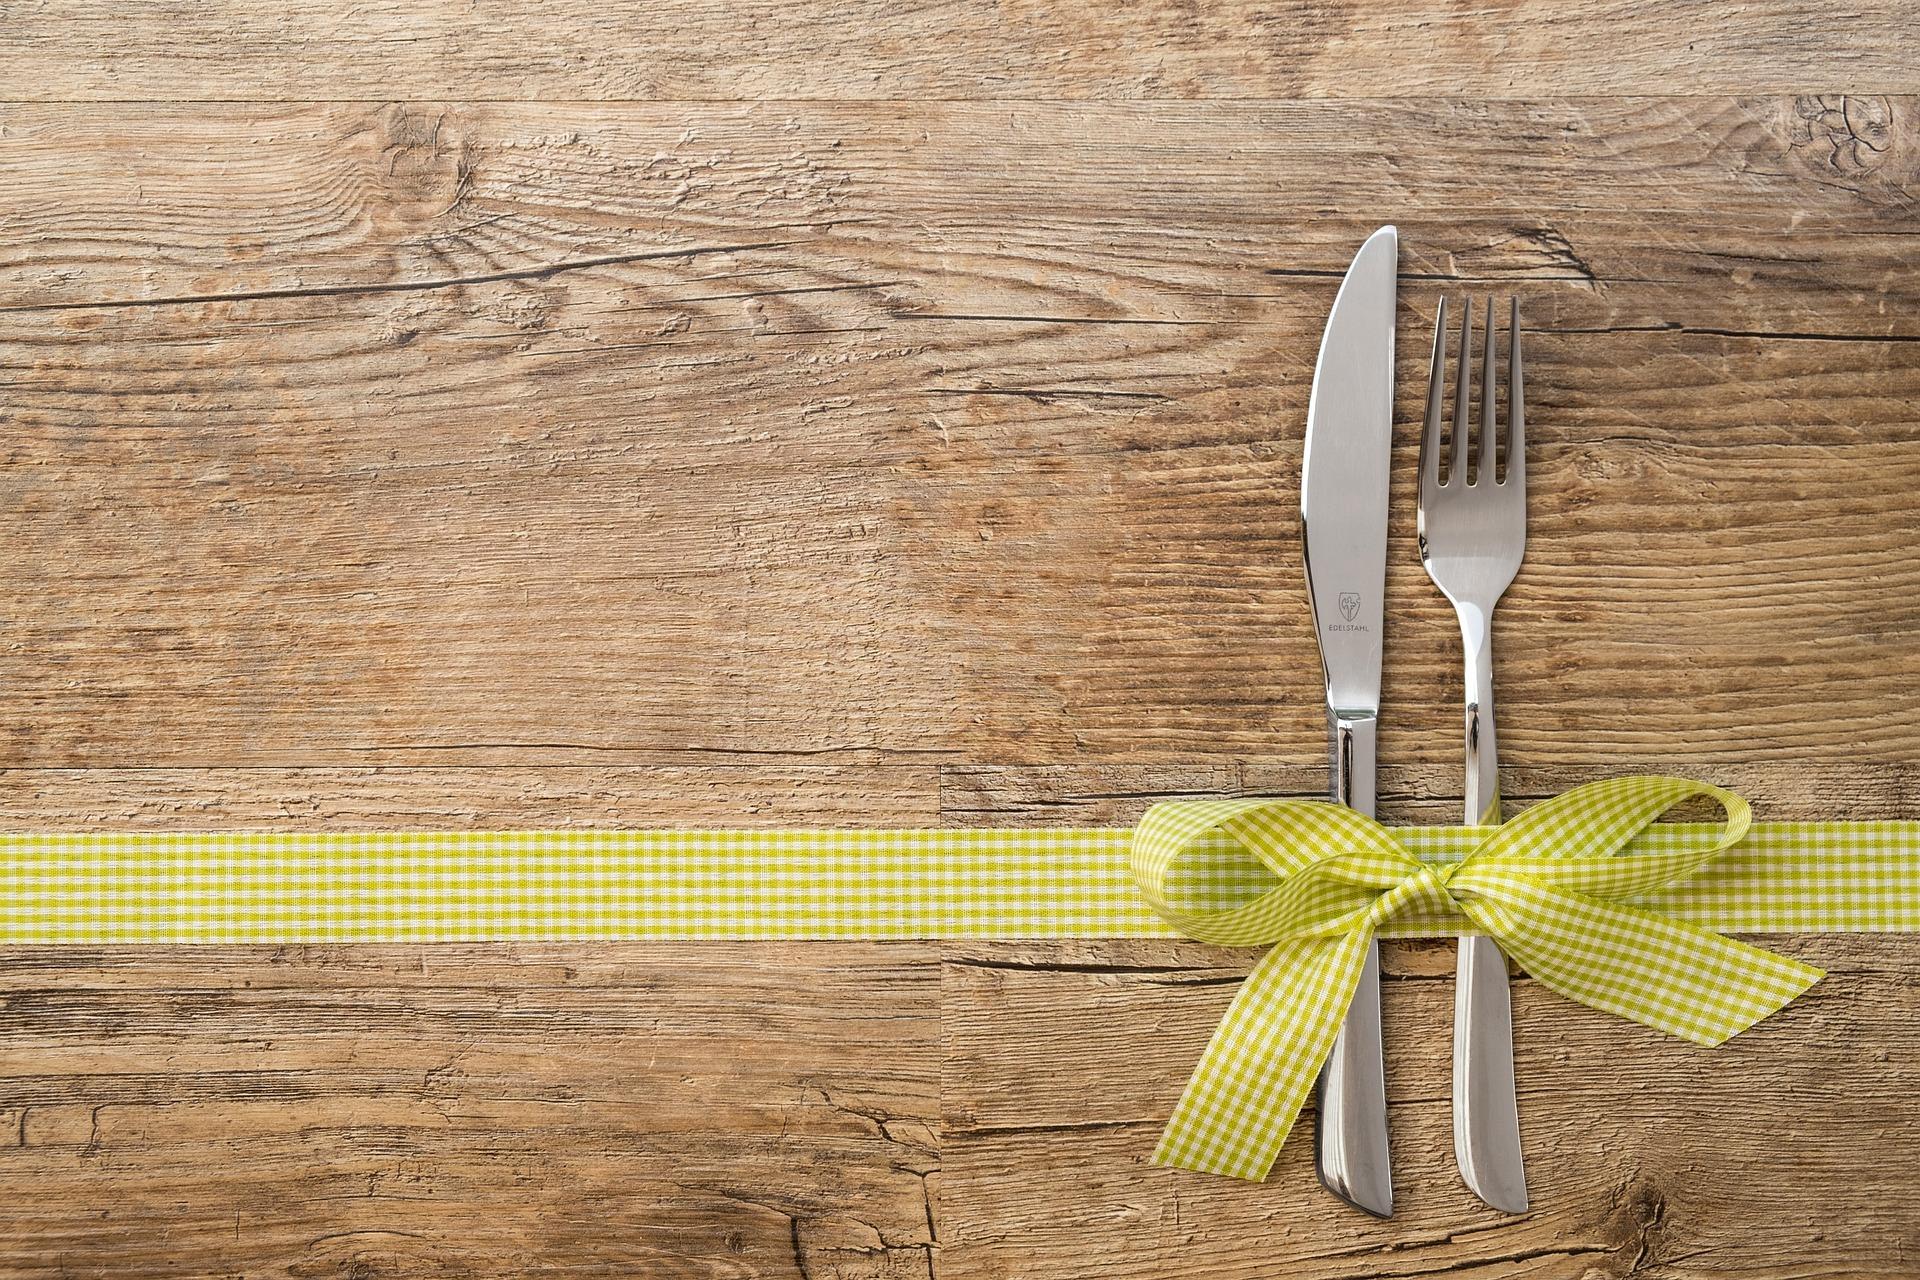 te contamos las ventajas de regalar experiencias gastronómicas en degustasantacruz.com